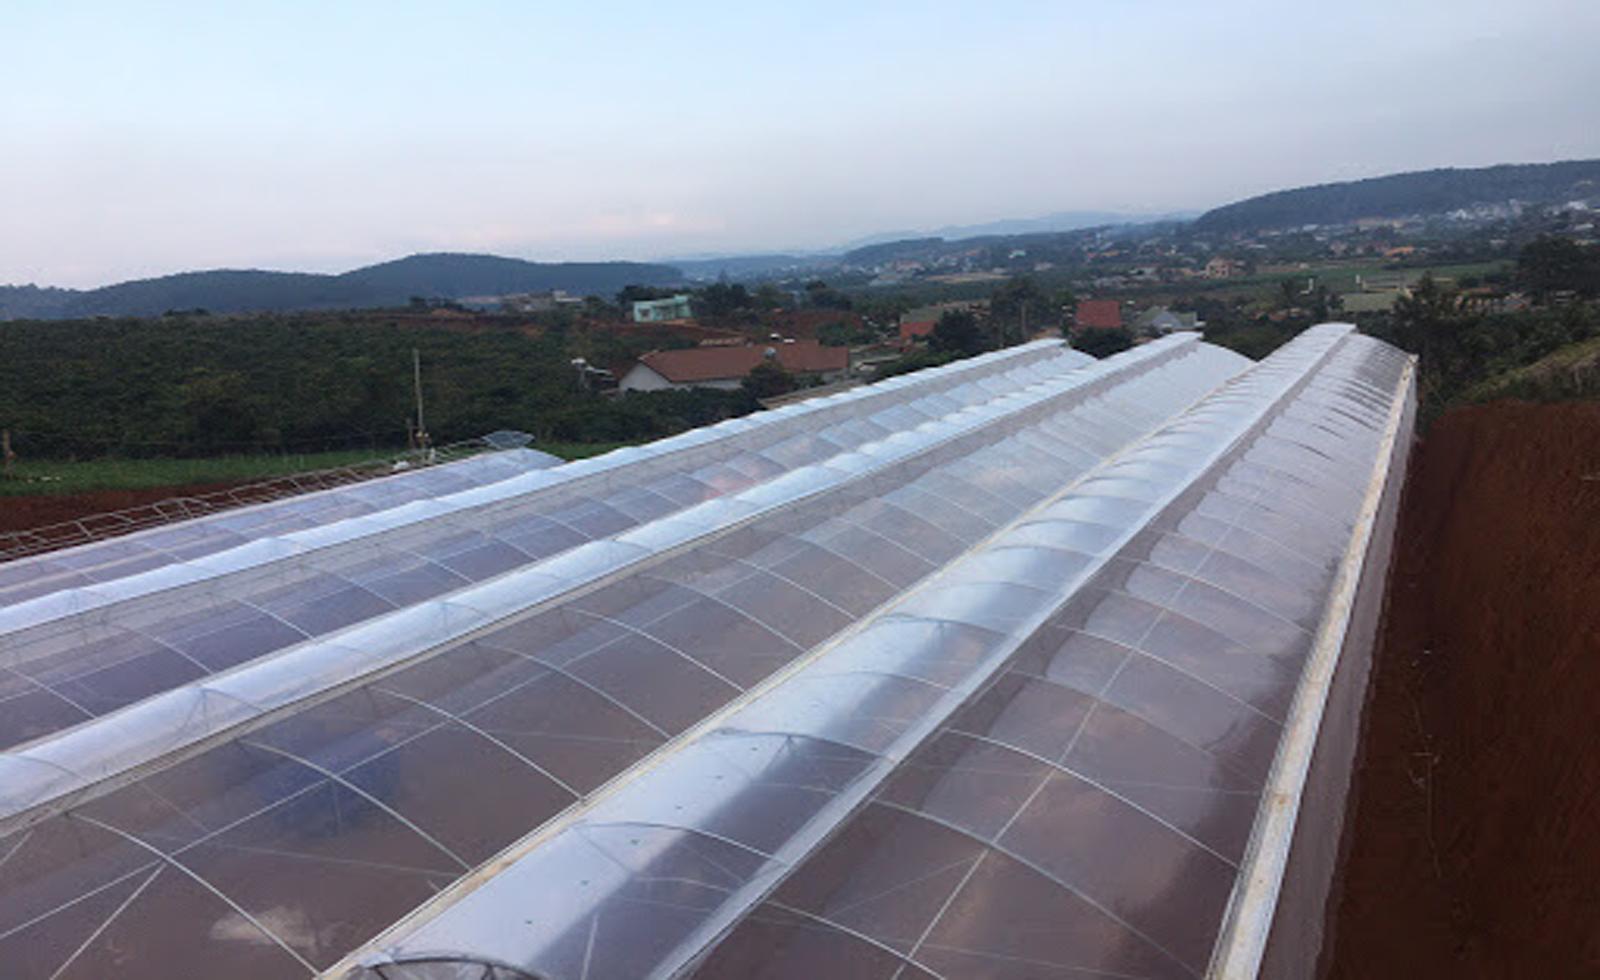 Màng nhà kính: Sản phẩm hàng đầu cho nông nghiệp 4.0 năm 2021